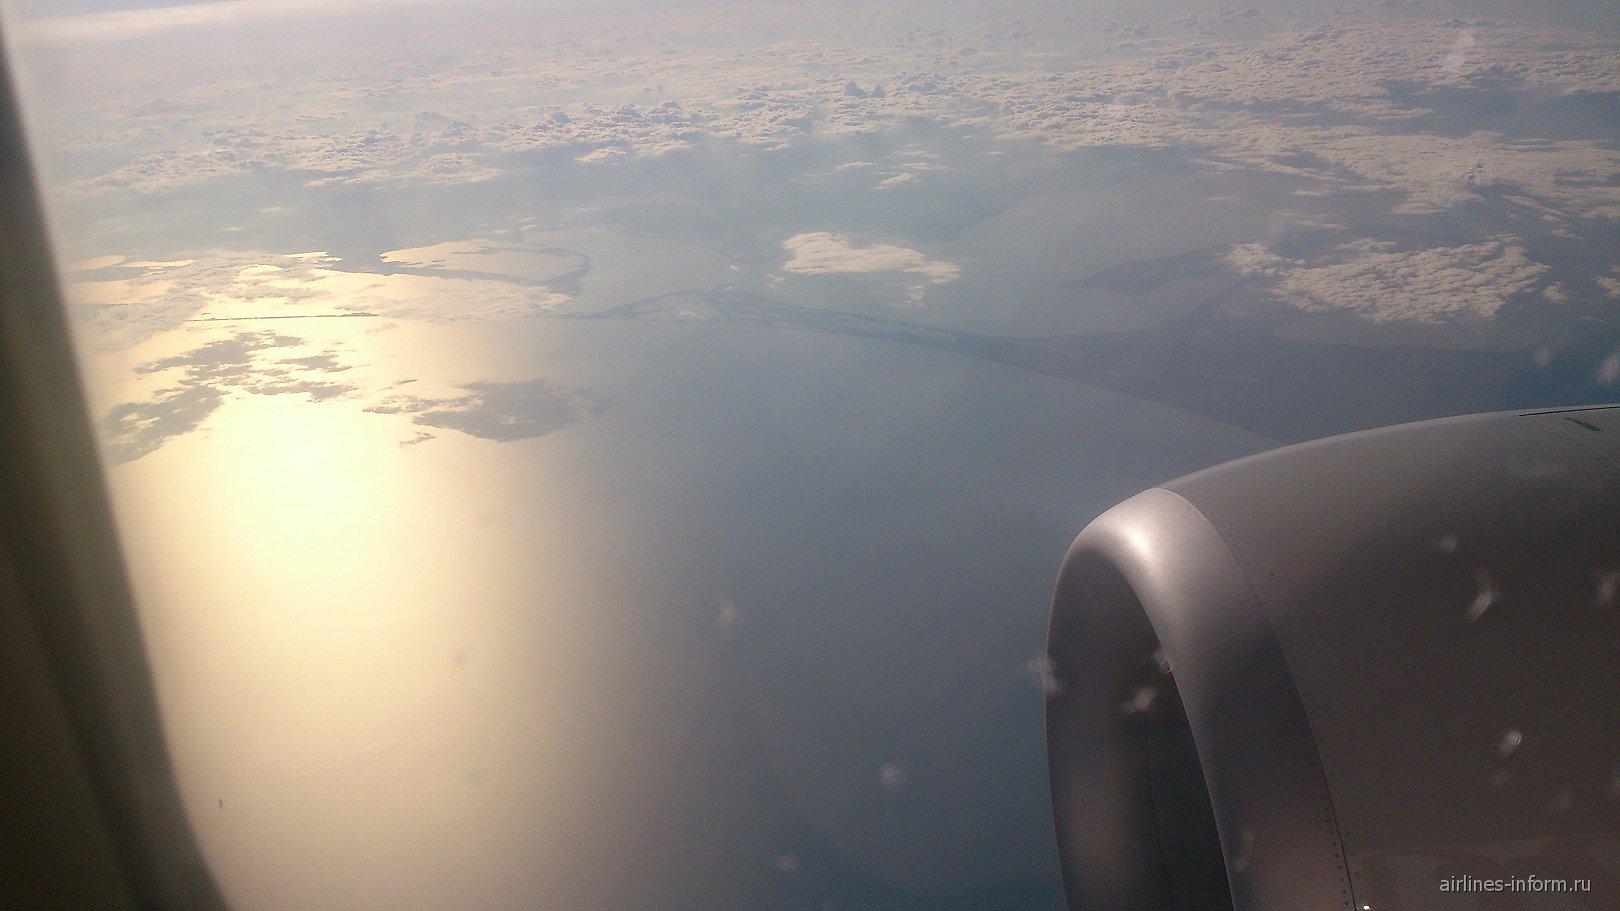 Рейс Москва-Стамбул авиакомпании Пегасус